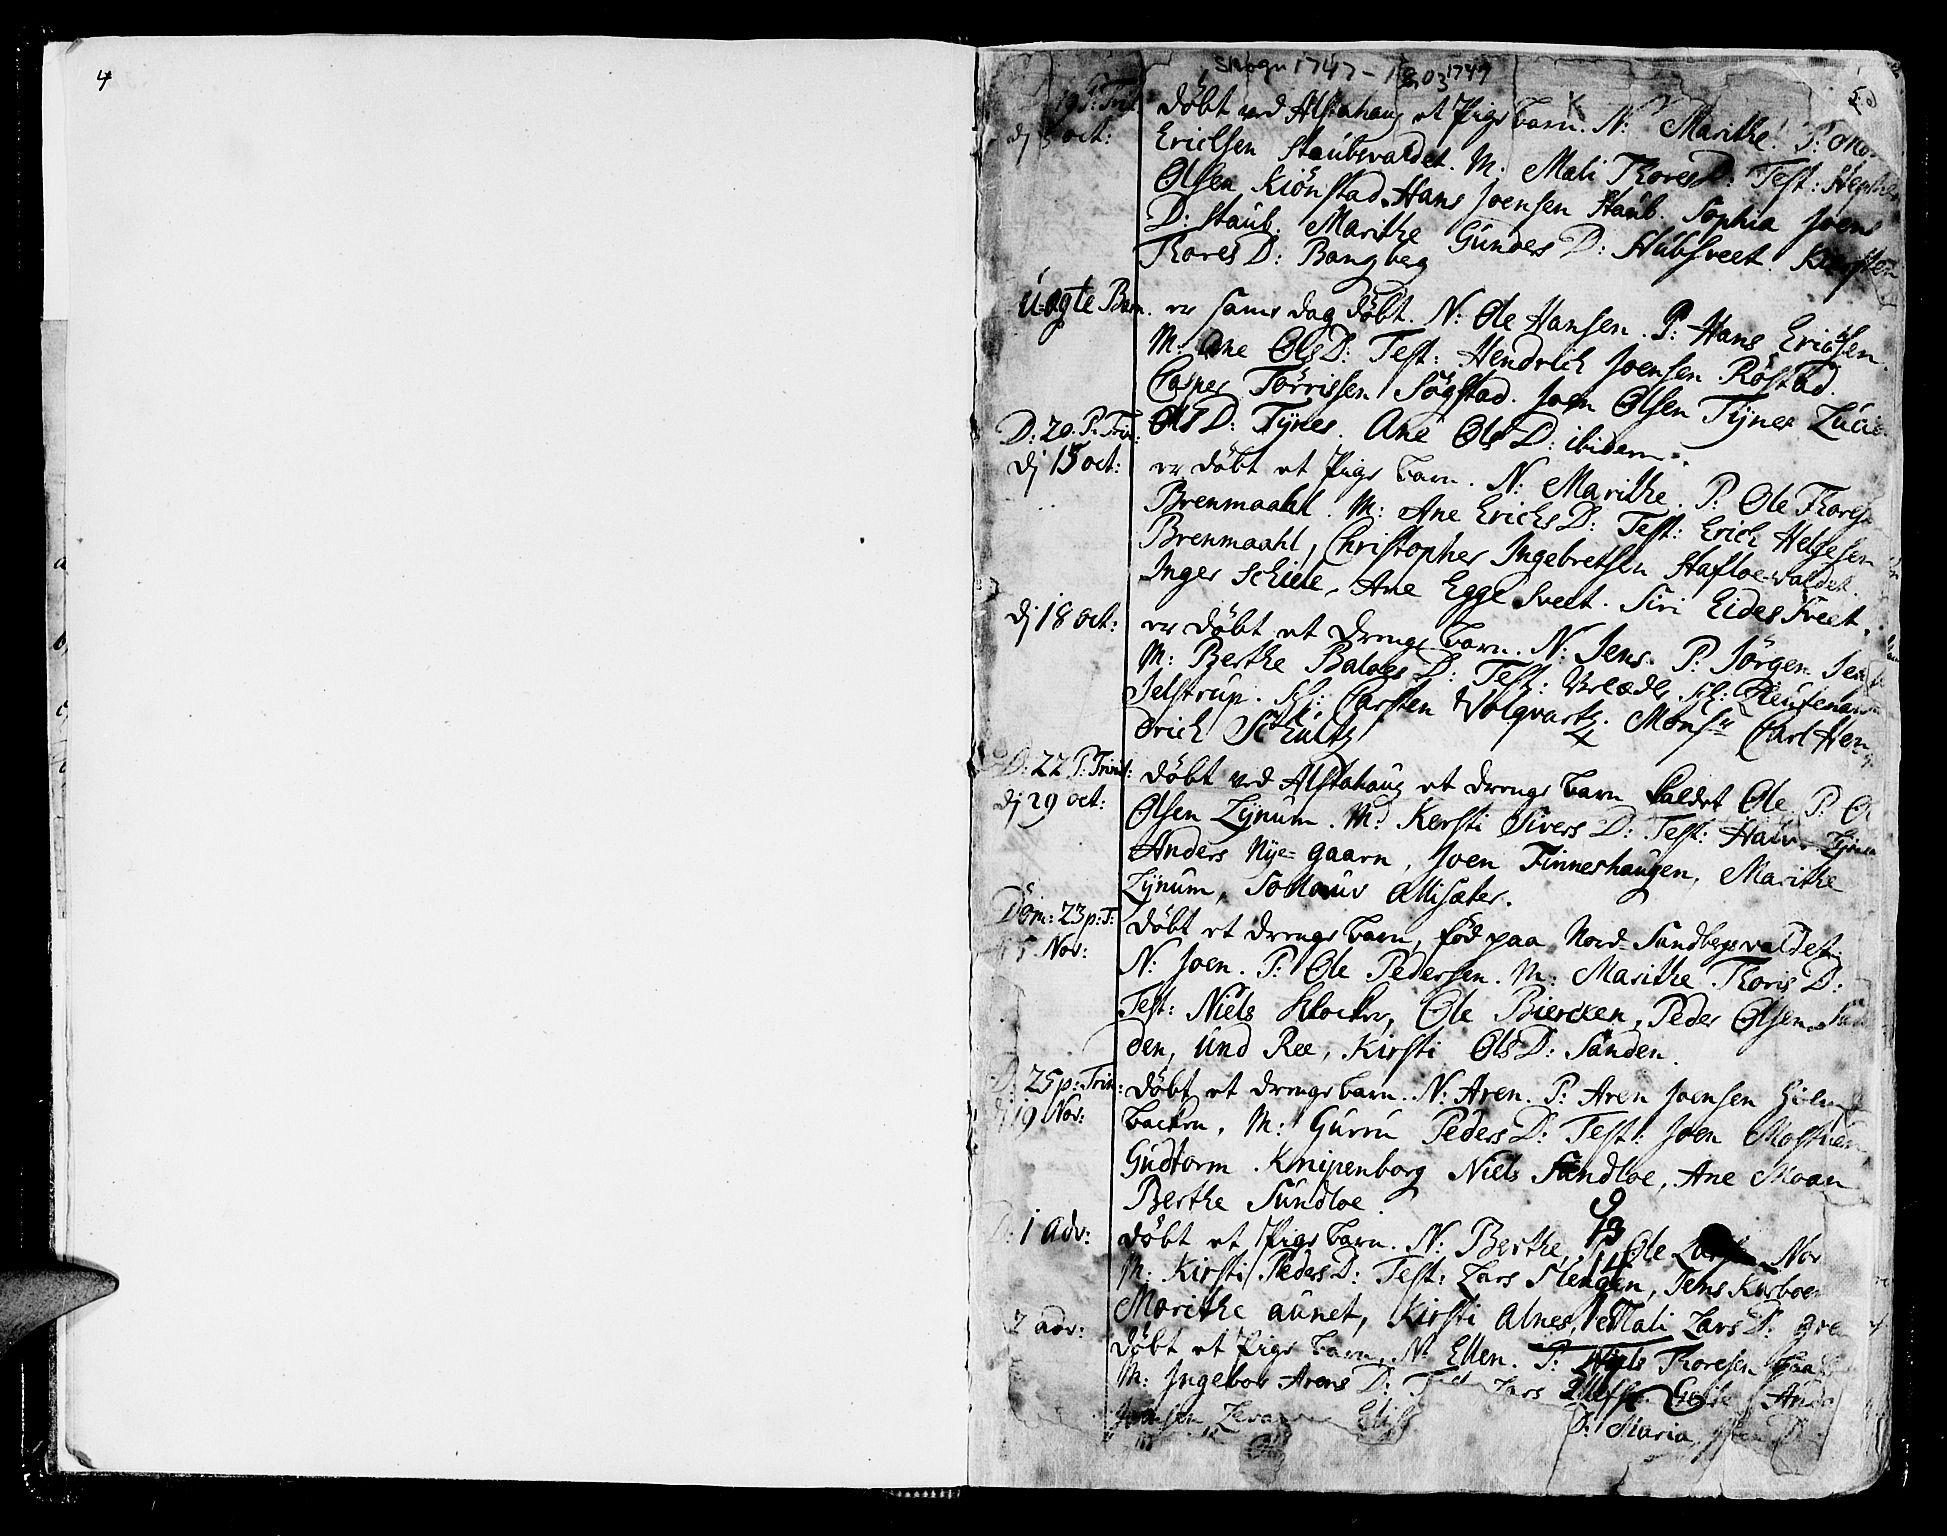 SAT, Ministerialprotokoller, klokkerbøker og fødselsregistre - Nord-Trøndelag, 717/L0141: Ministerialbok nr. 717A01, 1747-1803, s. 4-5